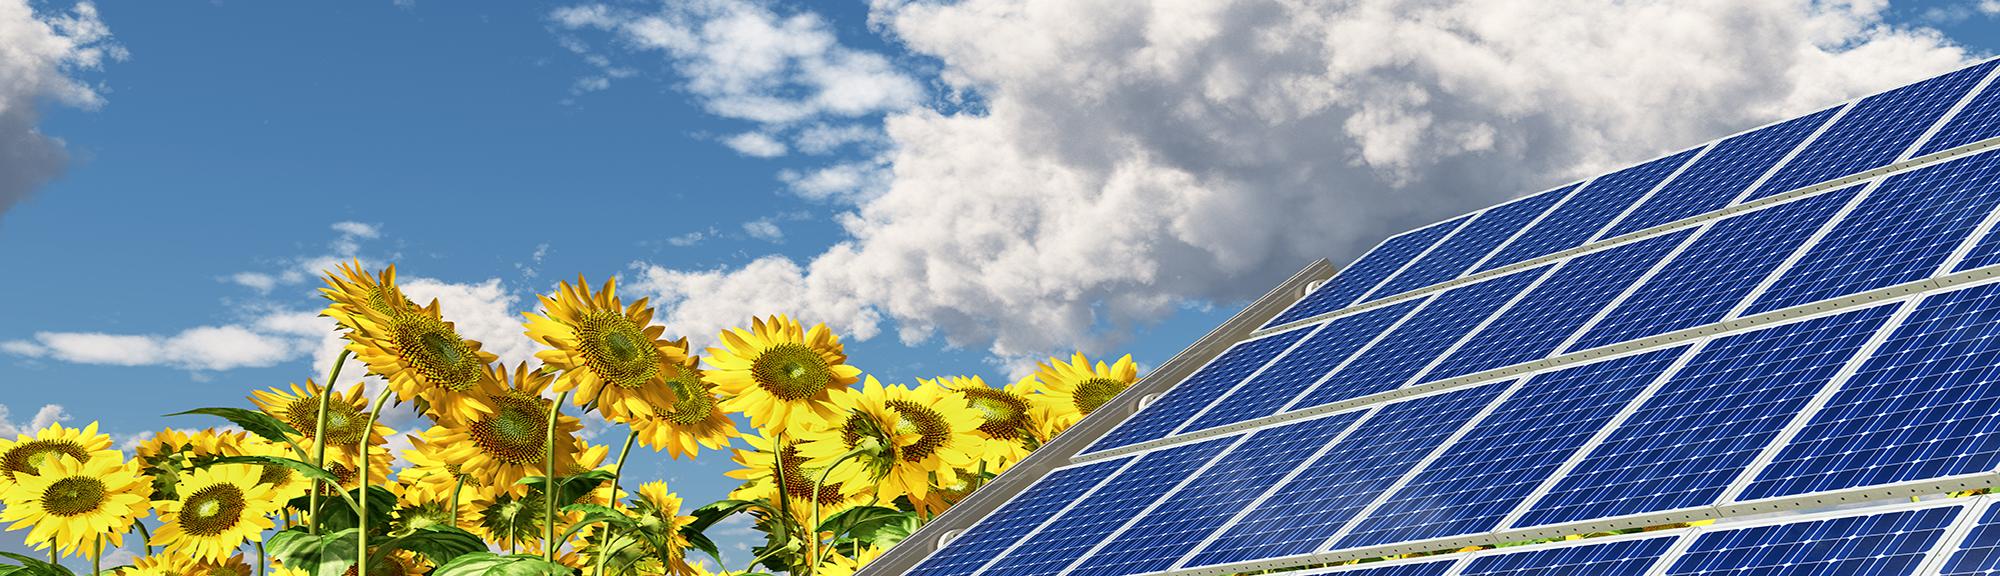 energie-klima-plan